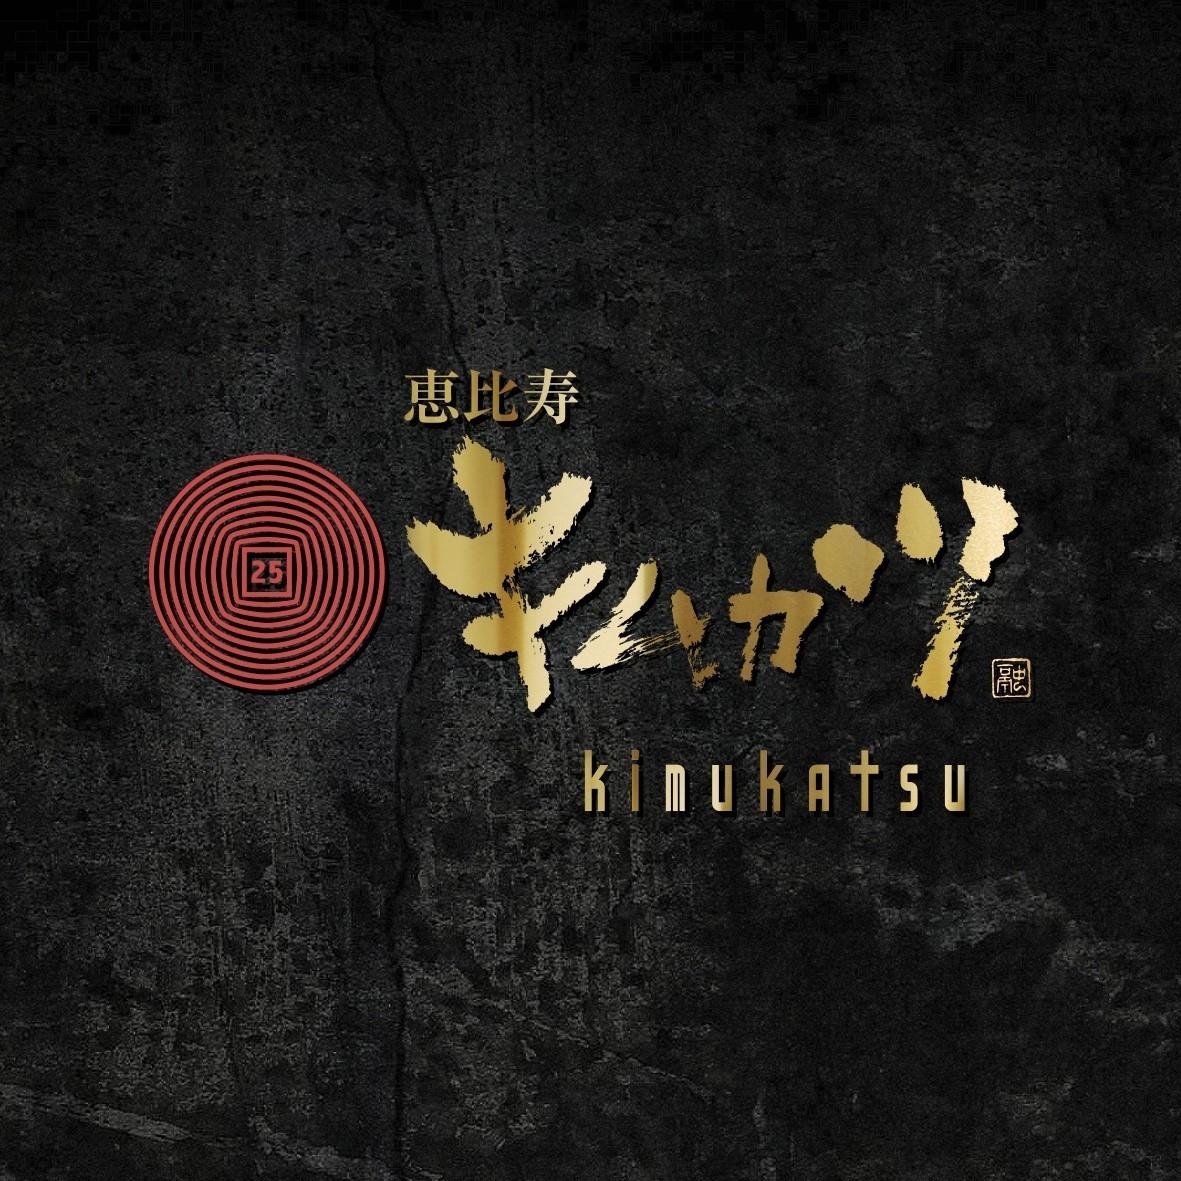 คิมุคัทสึ